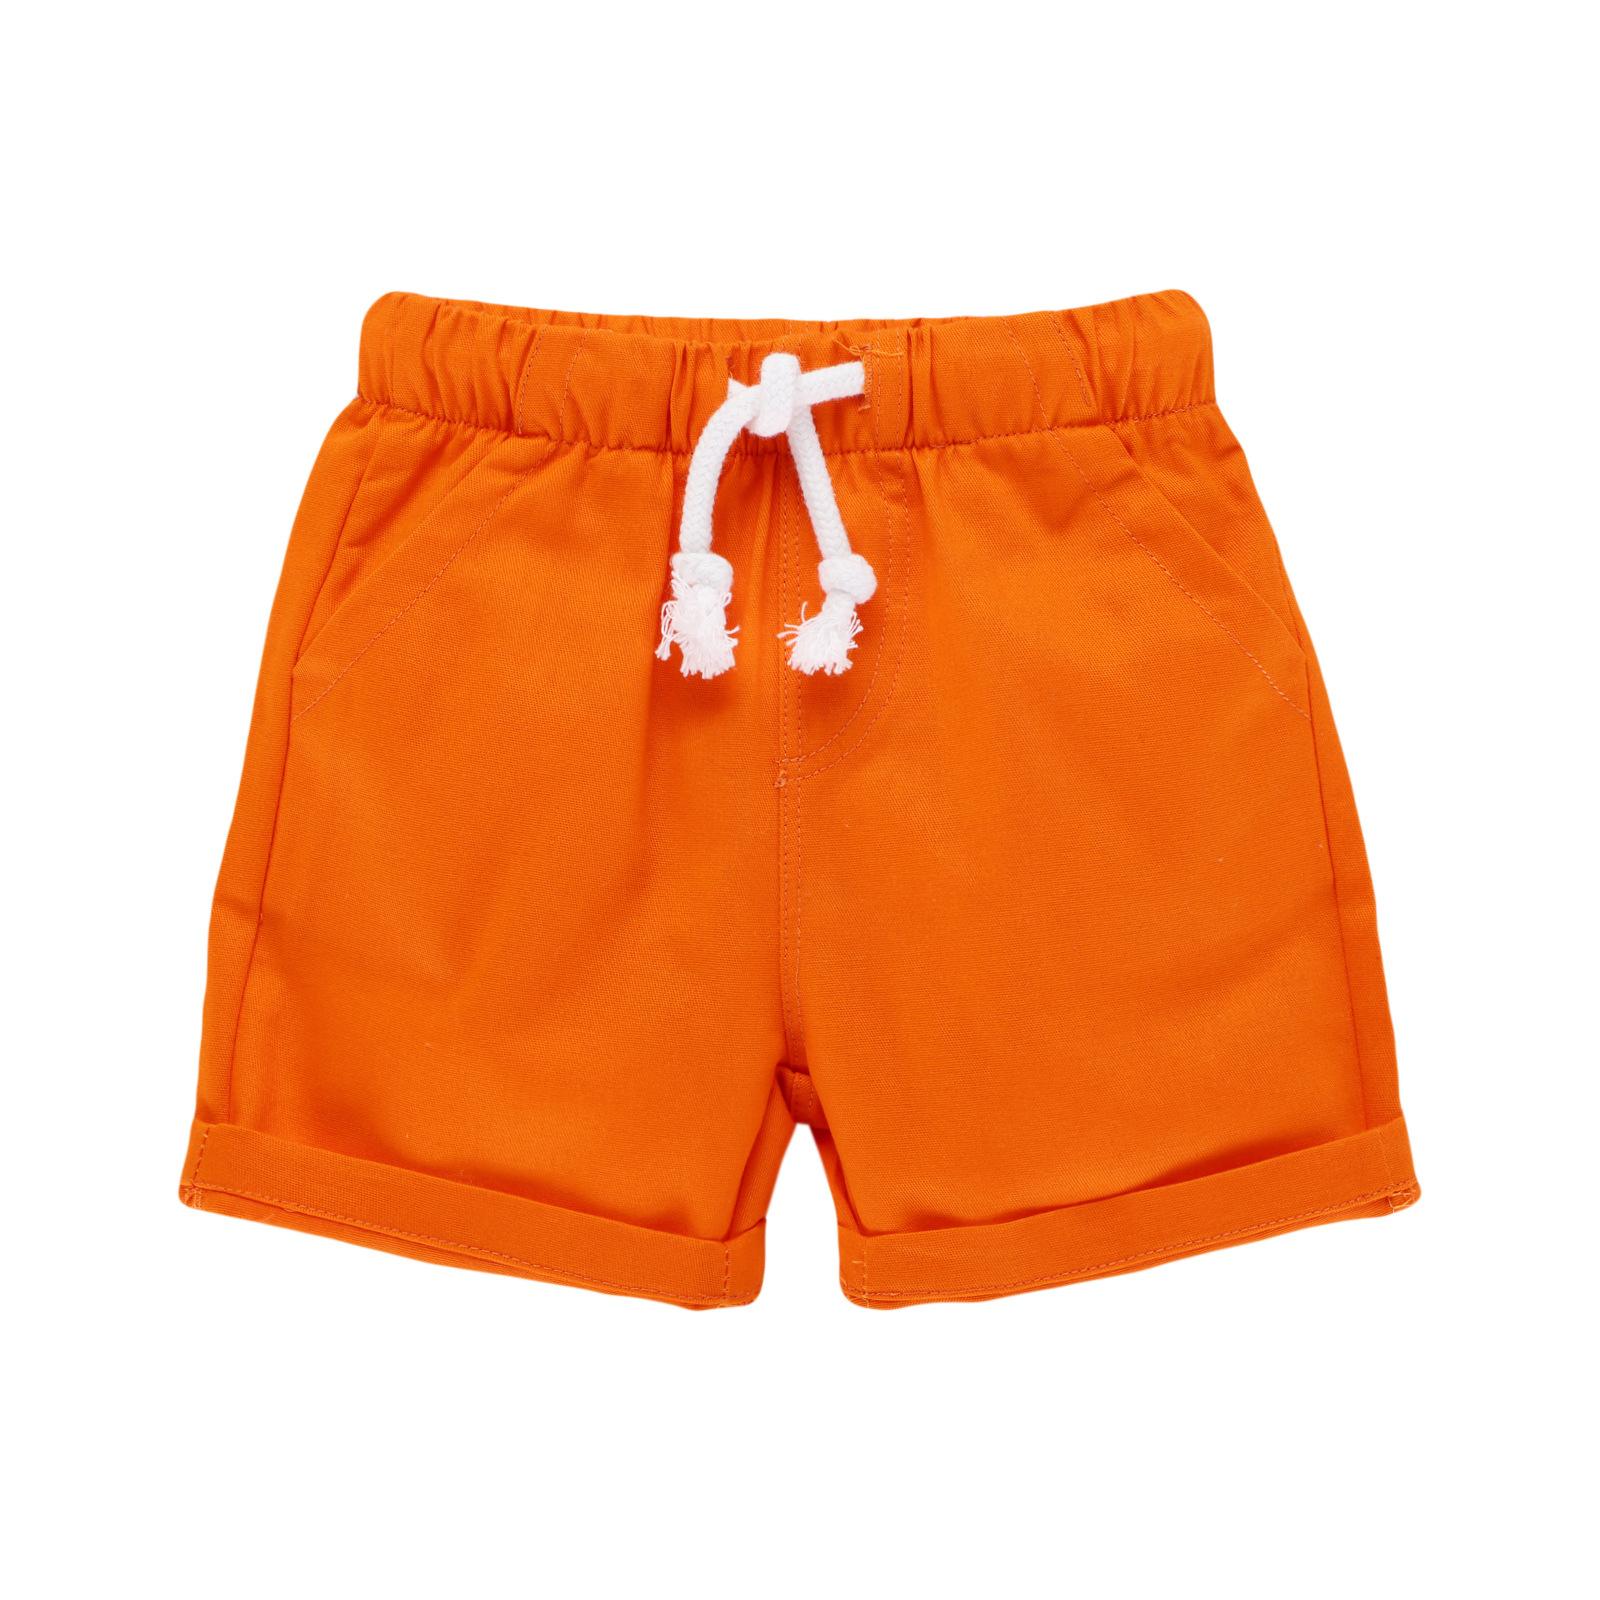 新款服装梭织裤童装短裤休闲款短裤欧美童装厂家批发